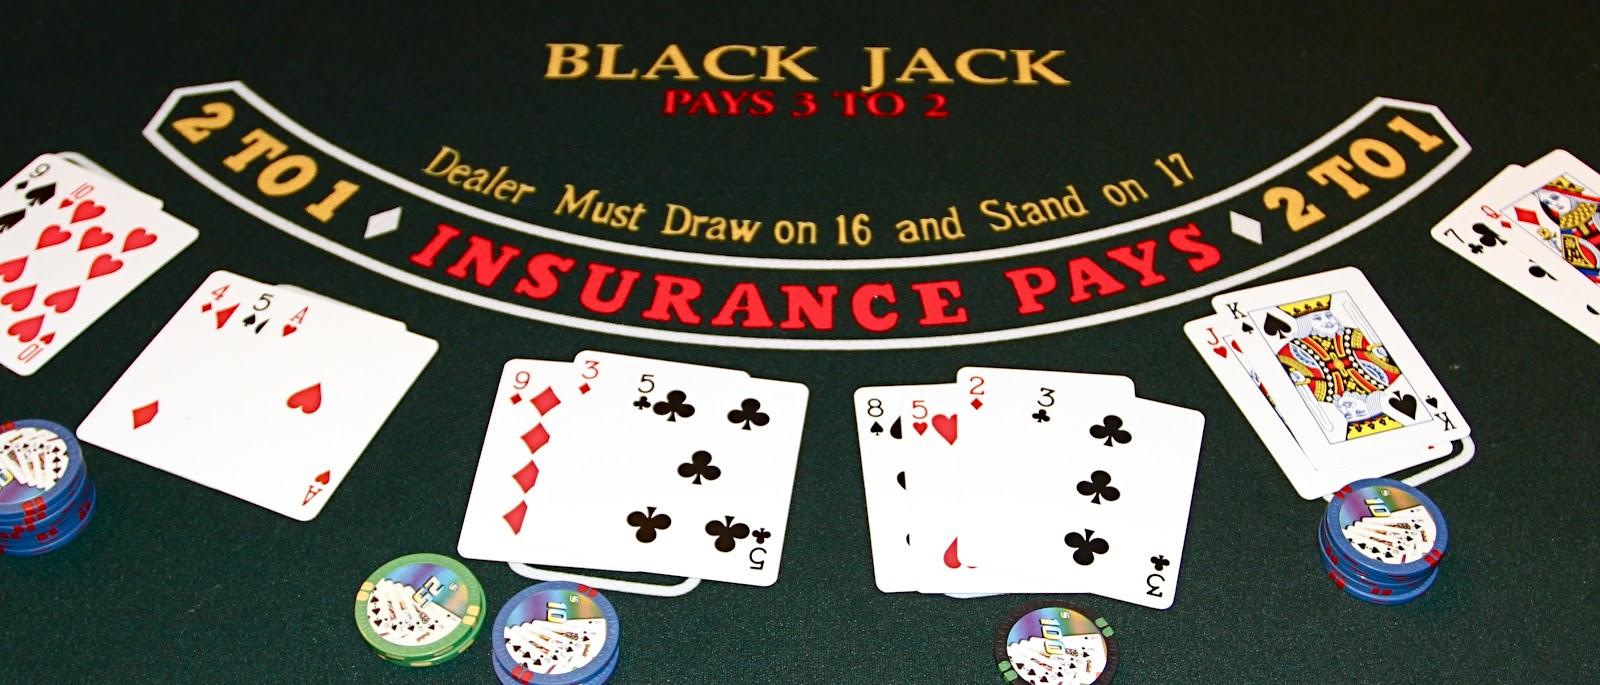 Blackjack gratuit: une aubaine pour les débutants